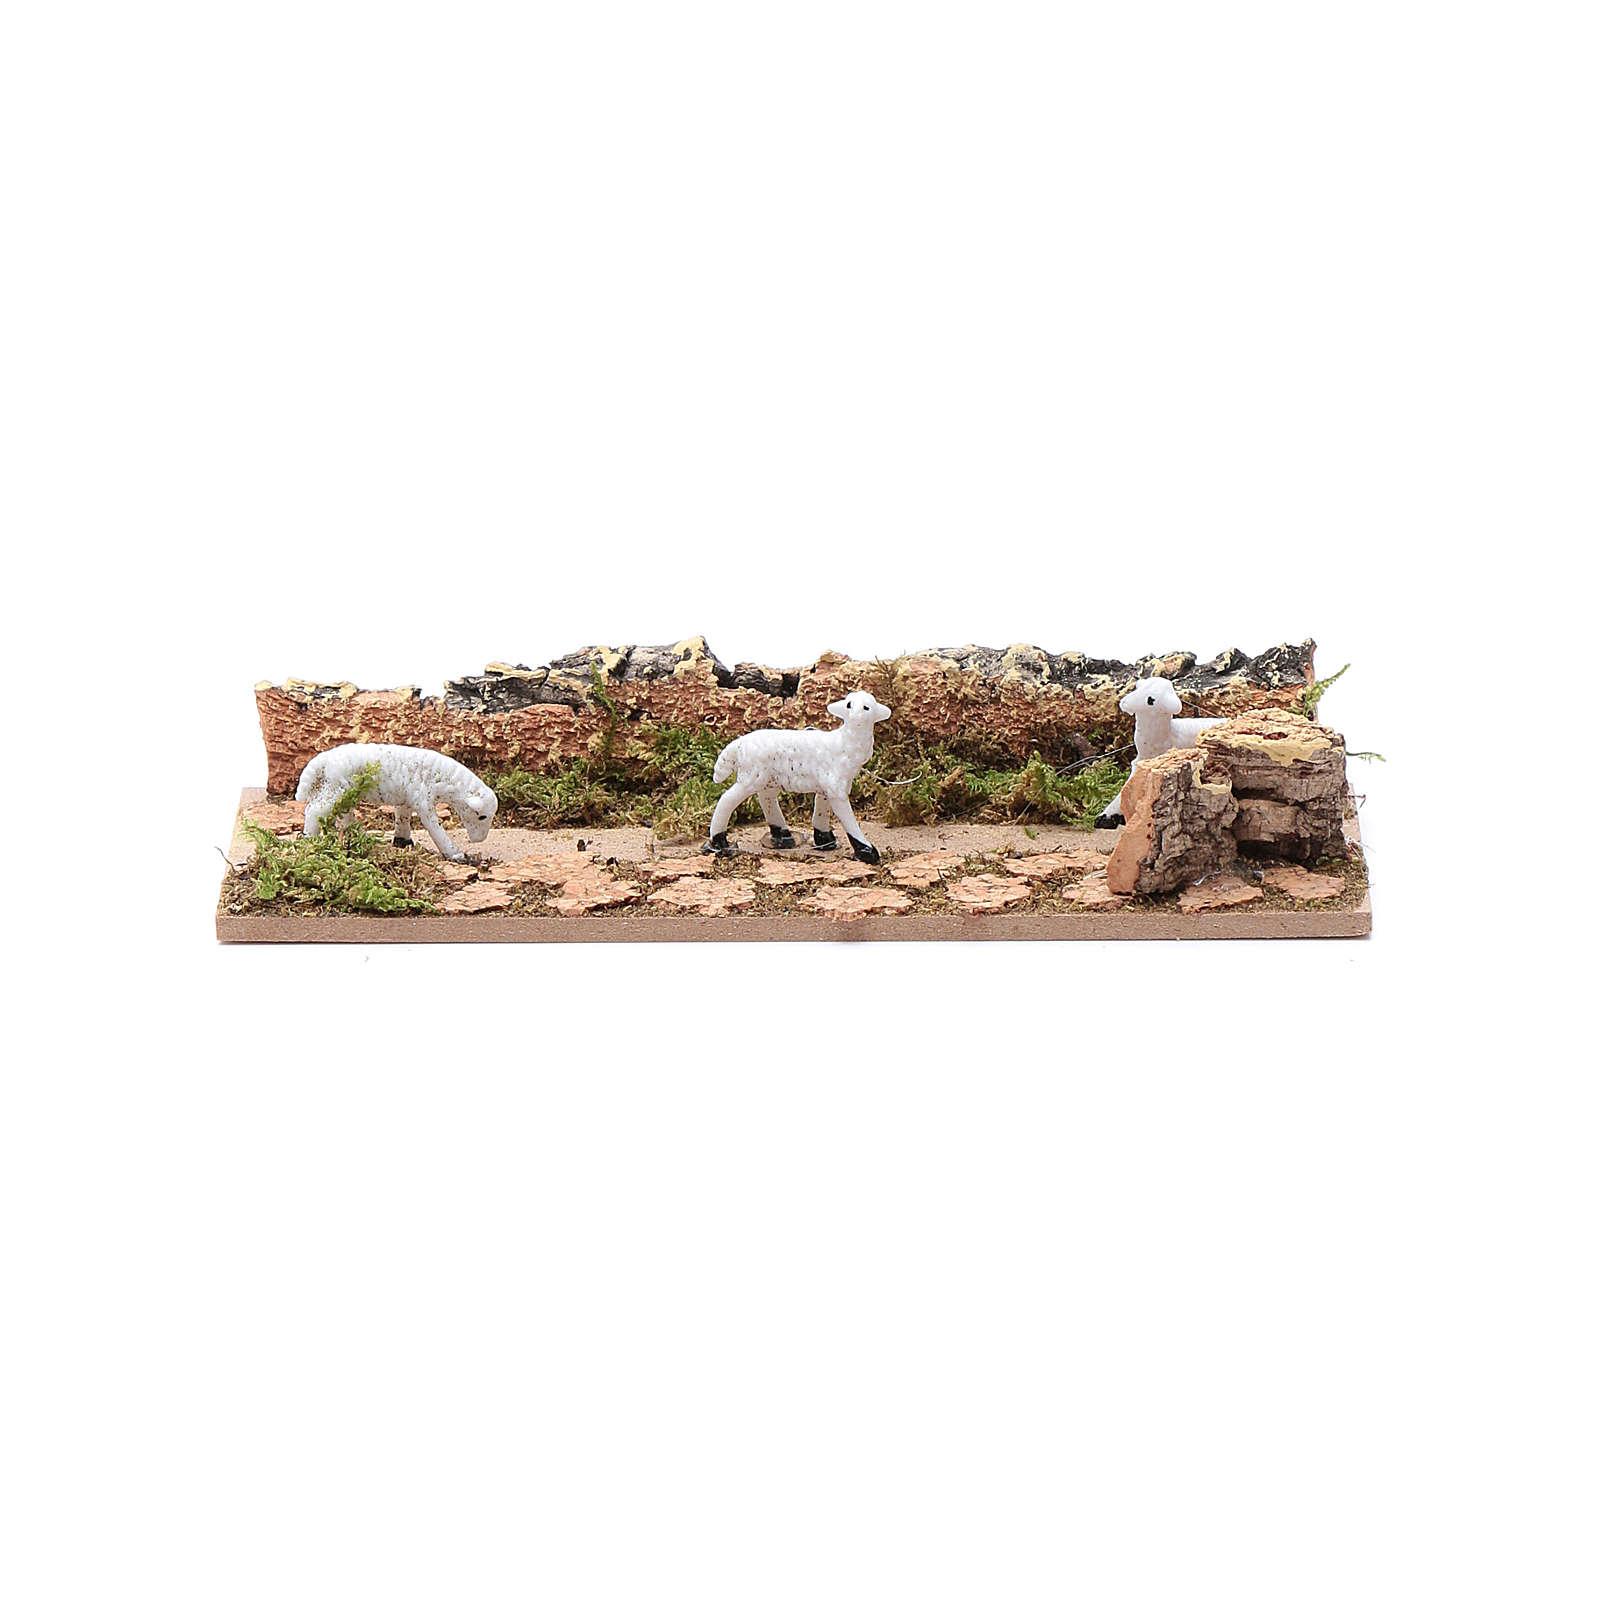 Ścieżka z owcami odcinek z korka 5x15 cm do szopki 3.5 cm 3